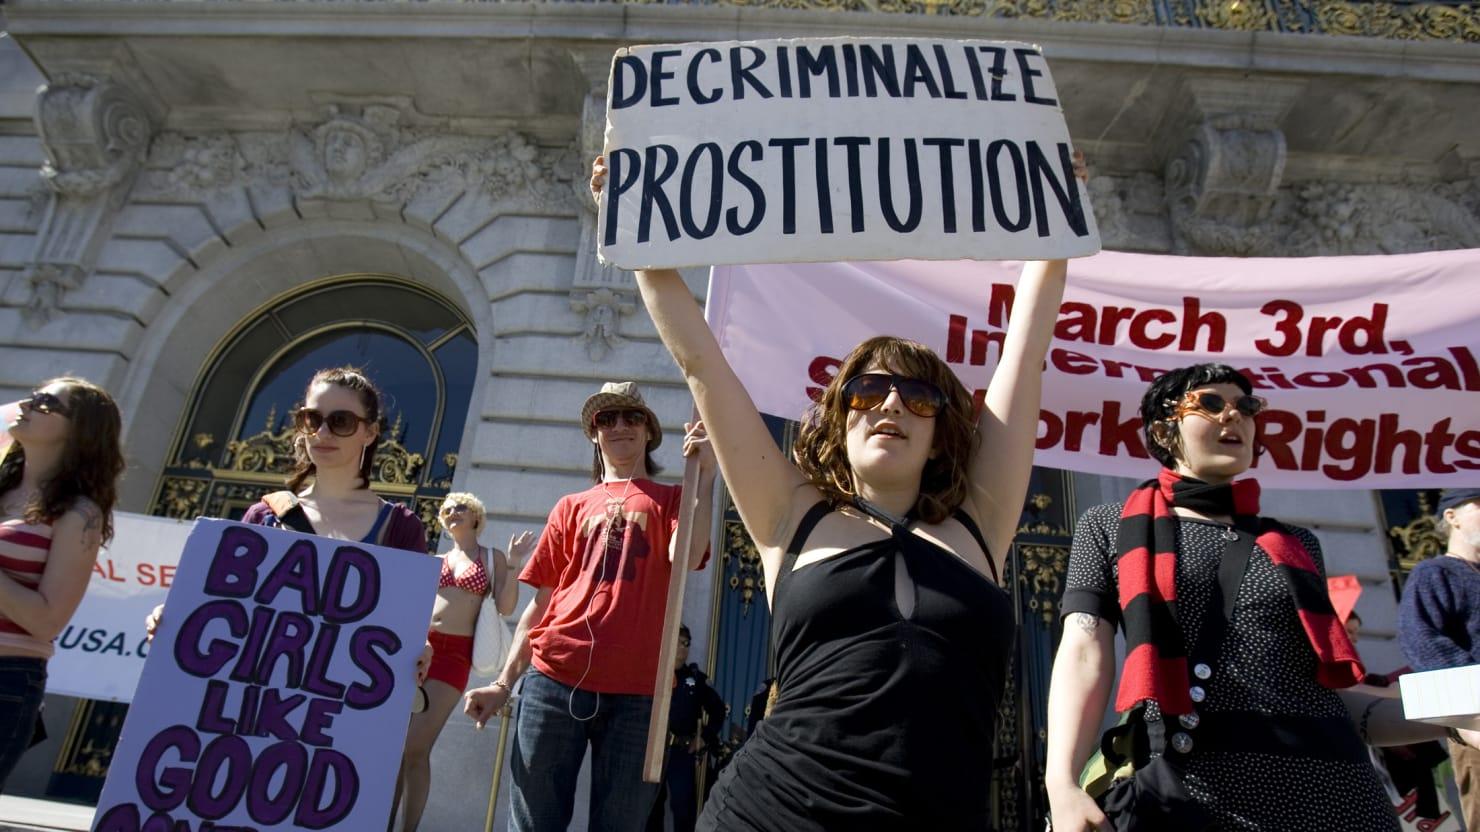 Why We Should Decriminalize Prostitution